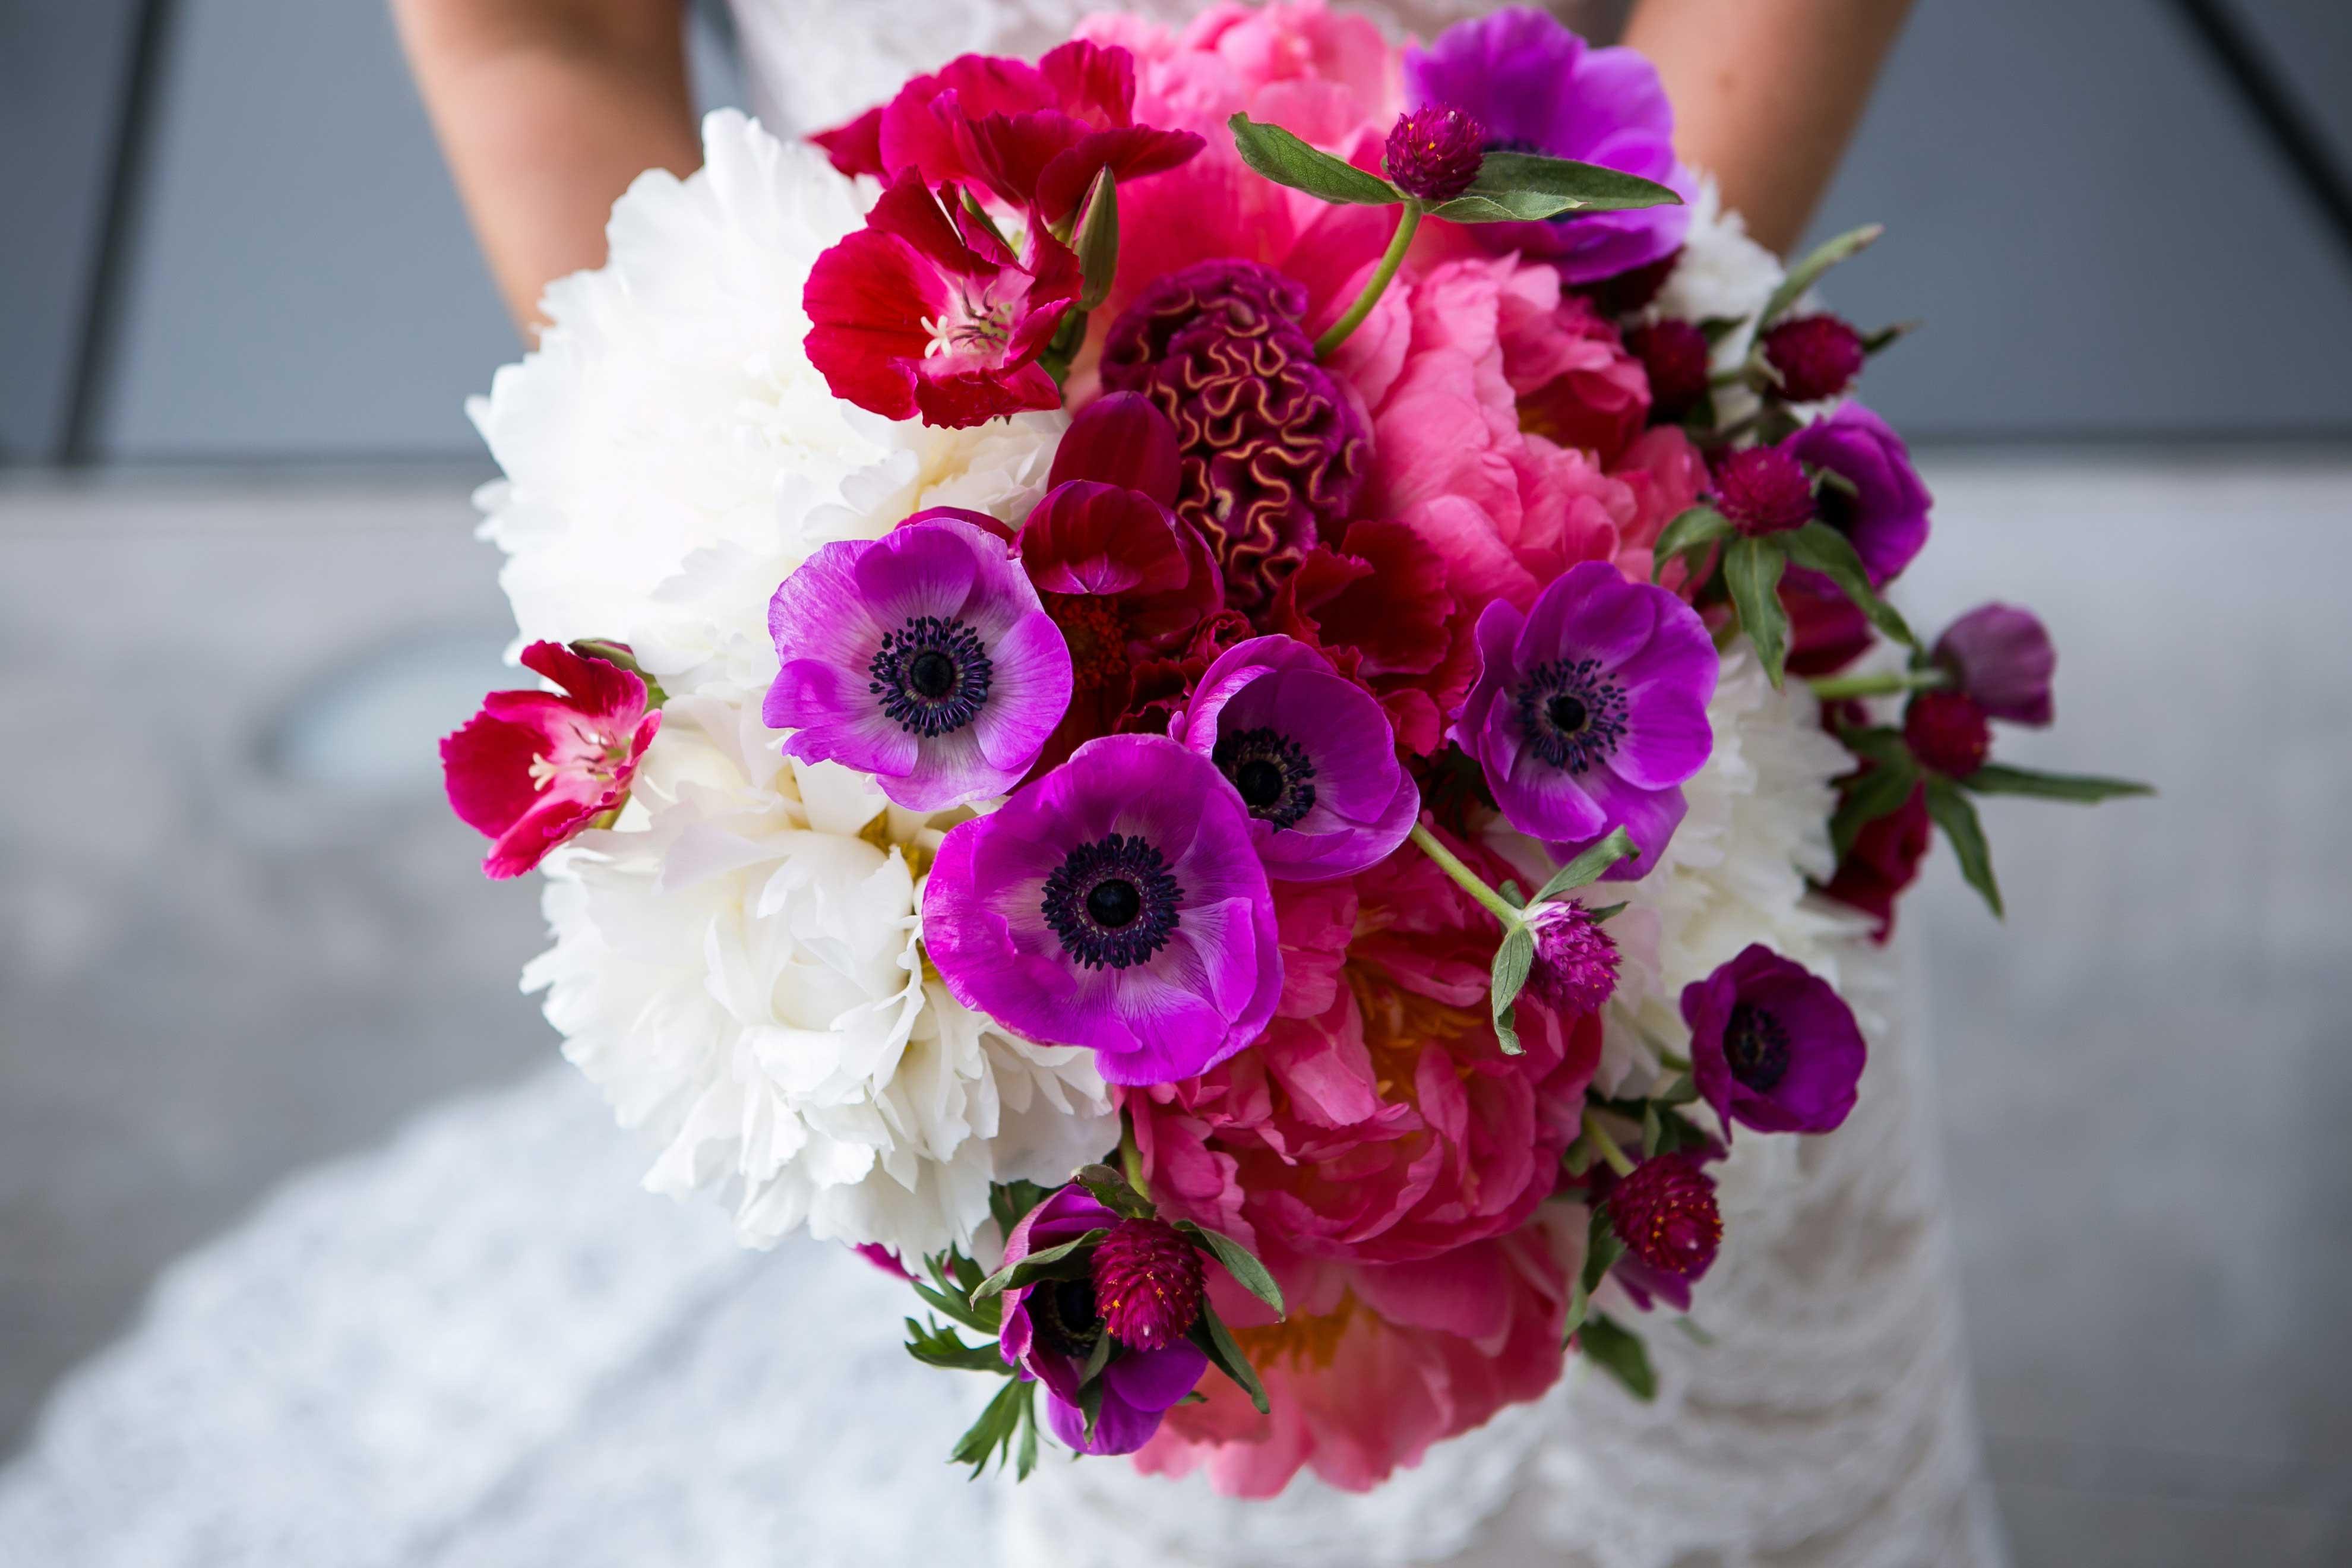 Wedding Color Palette Ideas: Dark & Moody Hues - Inside Weddings